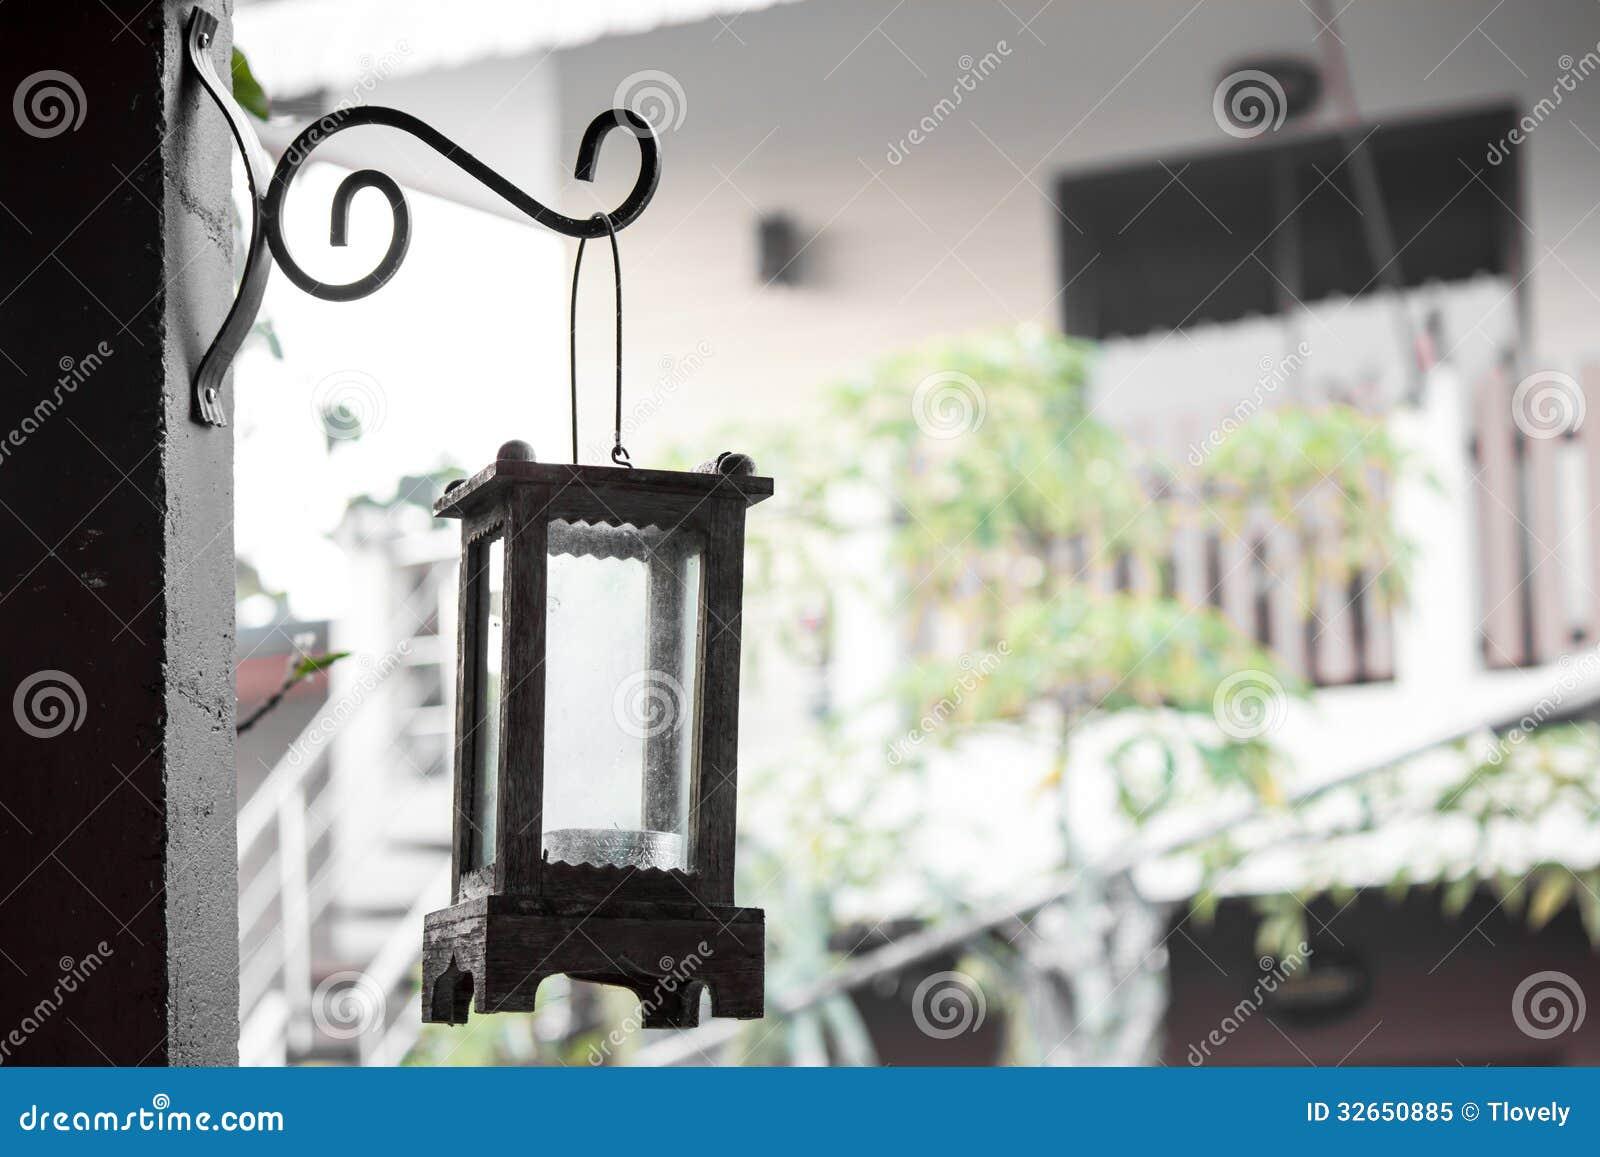 De Lamp Van Het Tuinhuis Verfraait Wijnoogst Stock Fotografie ...